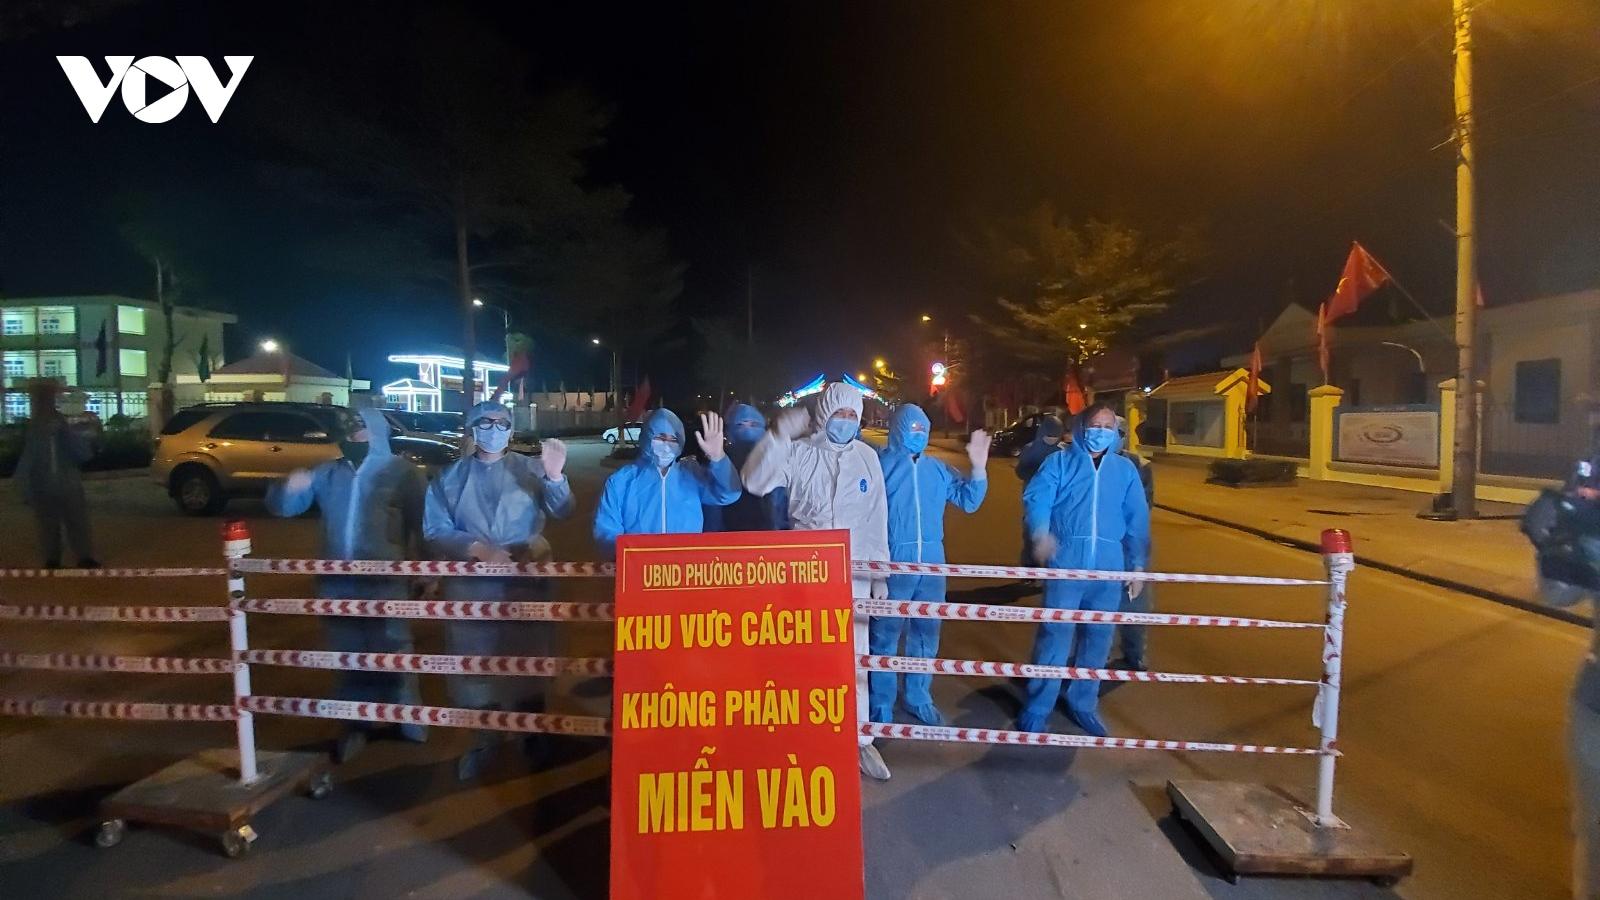 Phó Thủ tướng Vũ Đức Đam thị sát công tác phòng chống dịch ở Hải Dương và Quảng Ninh